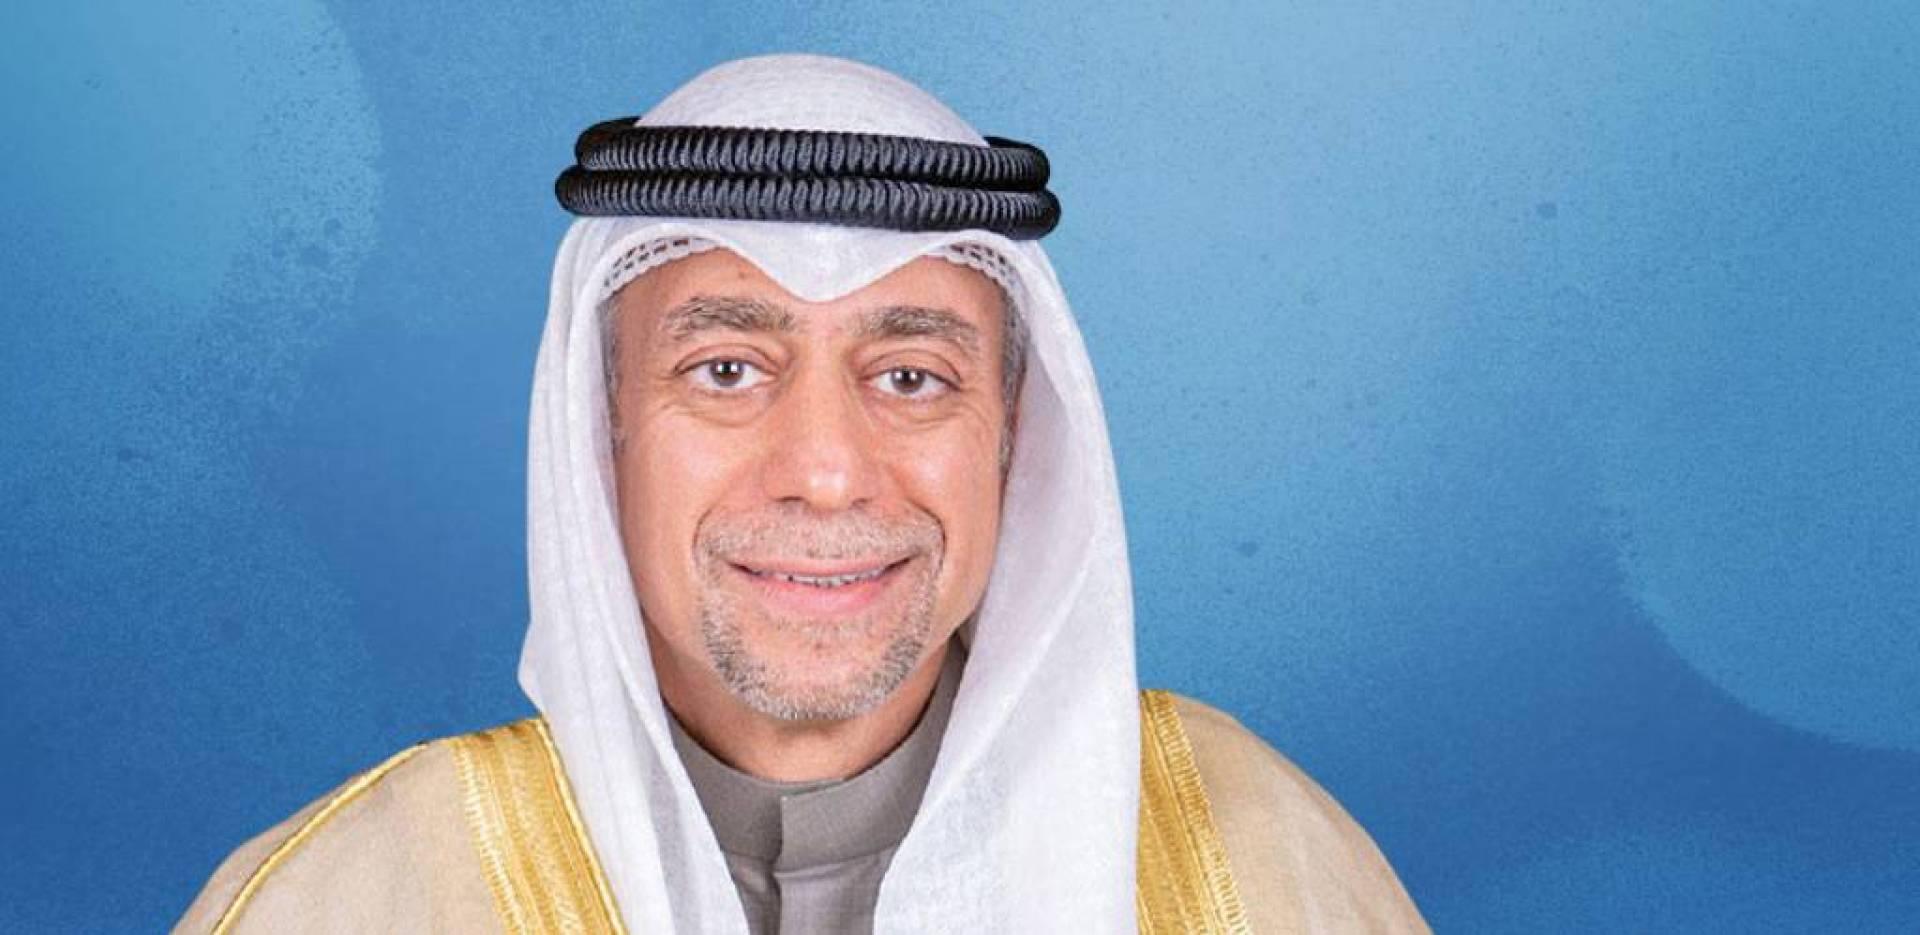 وزير «الإسكان»: مراكز ترفيهية وخدمية لأهالي مدينة صباح الأحمد.. قريباً